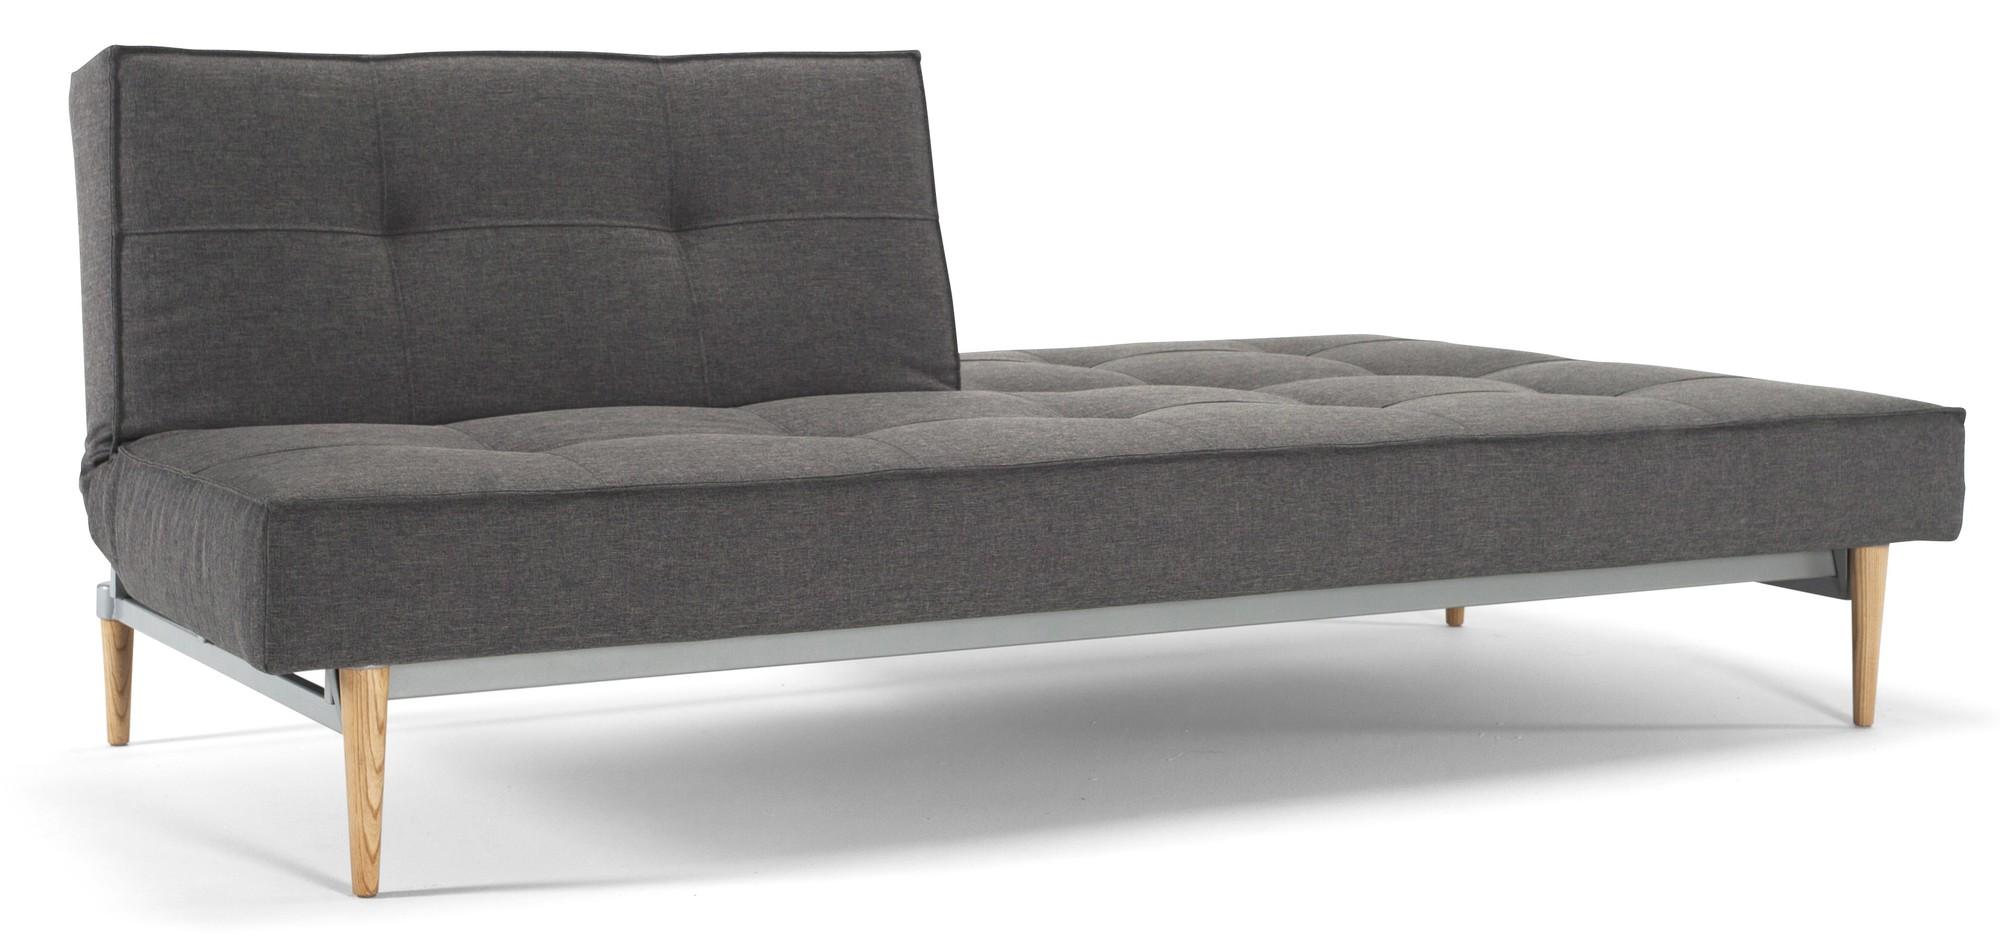 Innovation Slaapbank Splitback - Flashtex Dark Grey 216 - Styletto Poten Licht